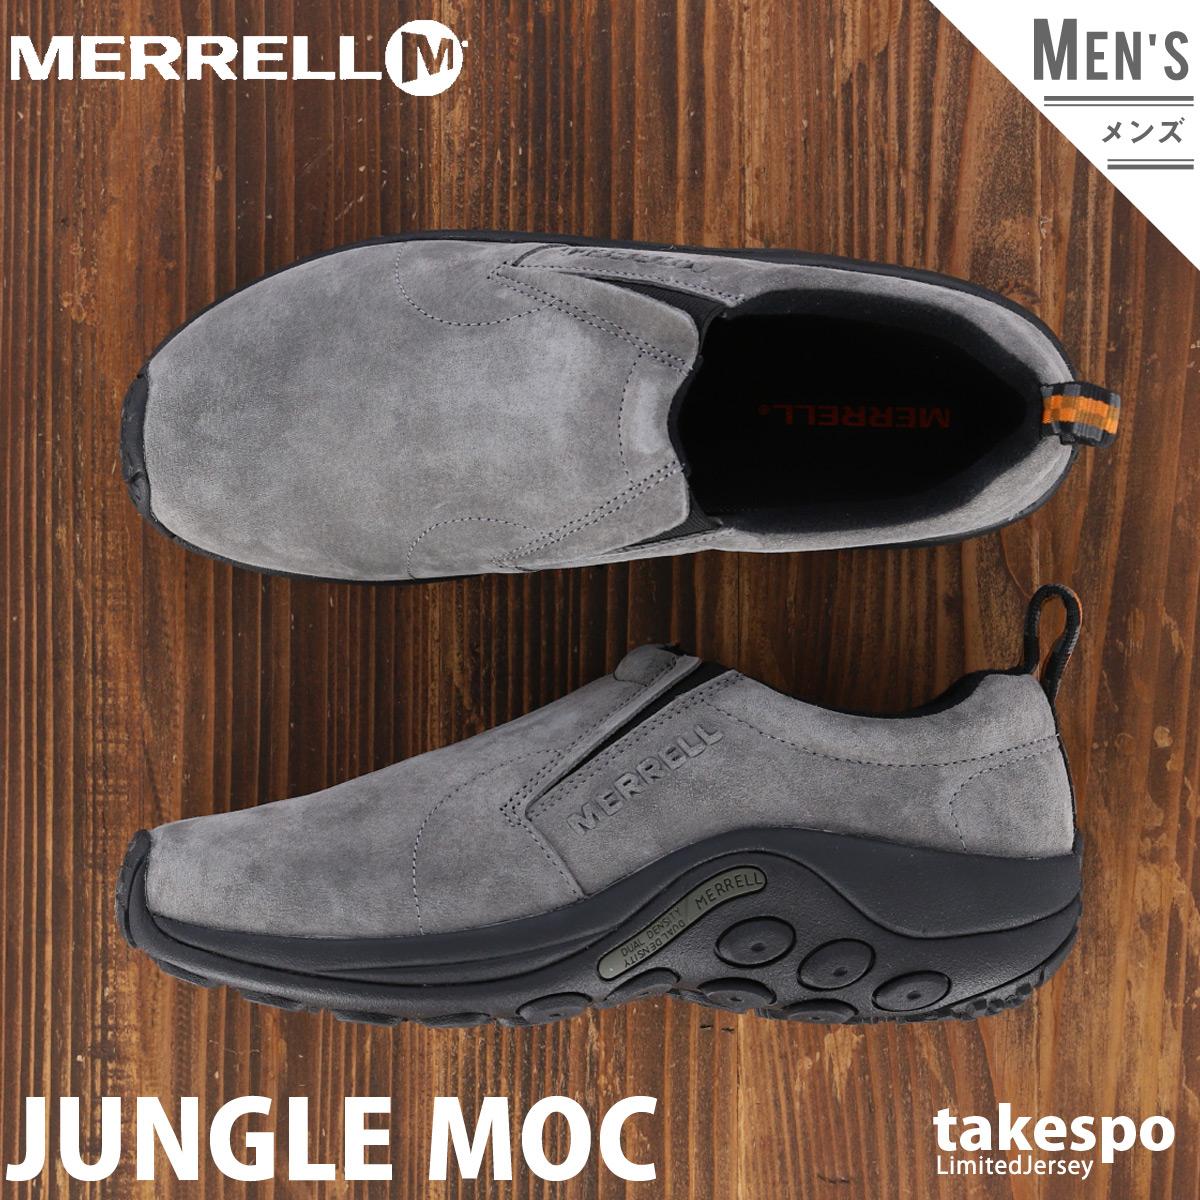 送料無料 新作 メレル スニーカー メンズ MERRELL レザー 革 JUNGLE MOC M M60805 NVY|大きいサイズ 有 スポーツ おしゃれ ブランド